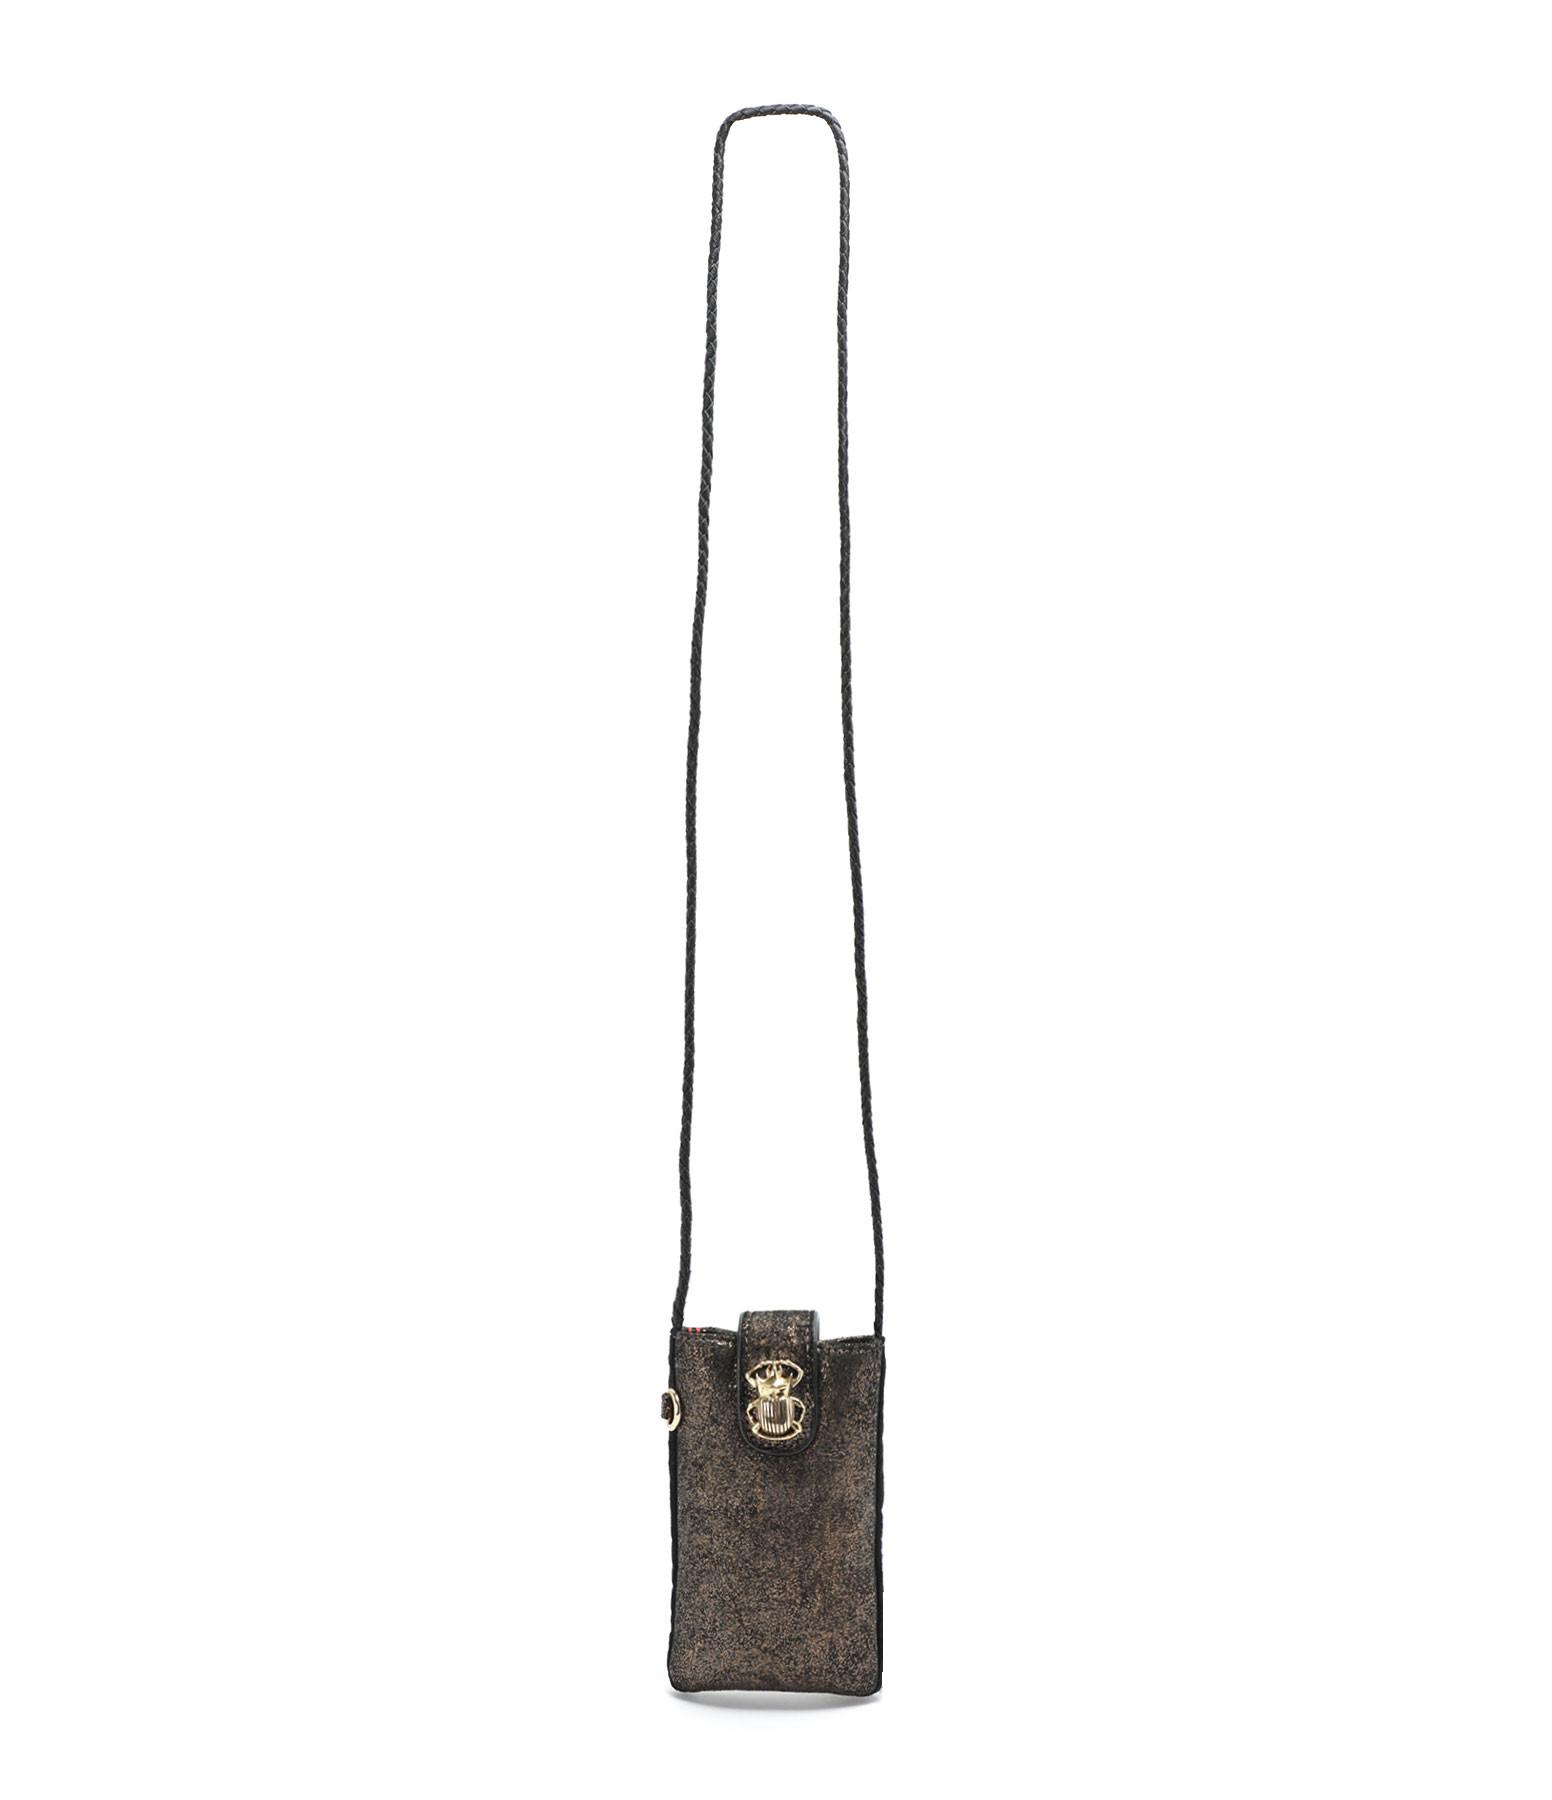 CLARIS VIROT - Étui à Téléphone Marcus Cuir Bronze, Collaboration Claris Virot x Veronika Loubry